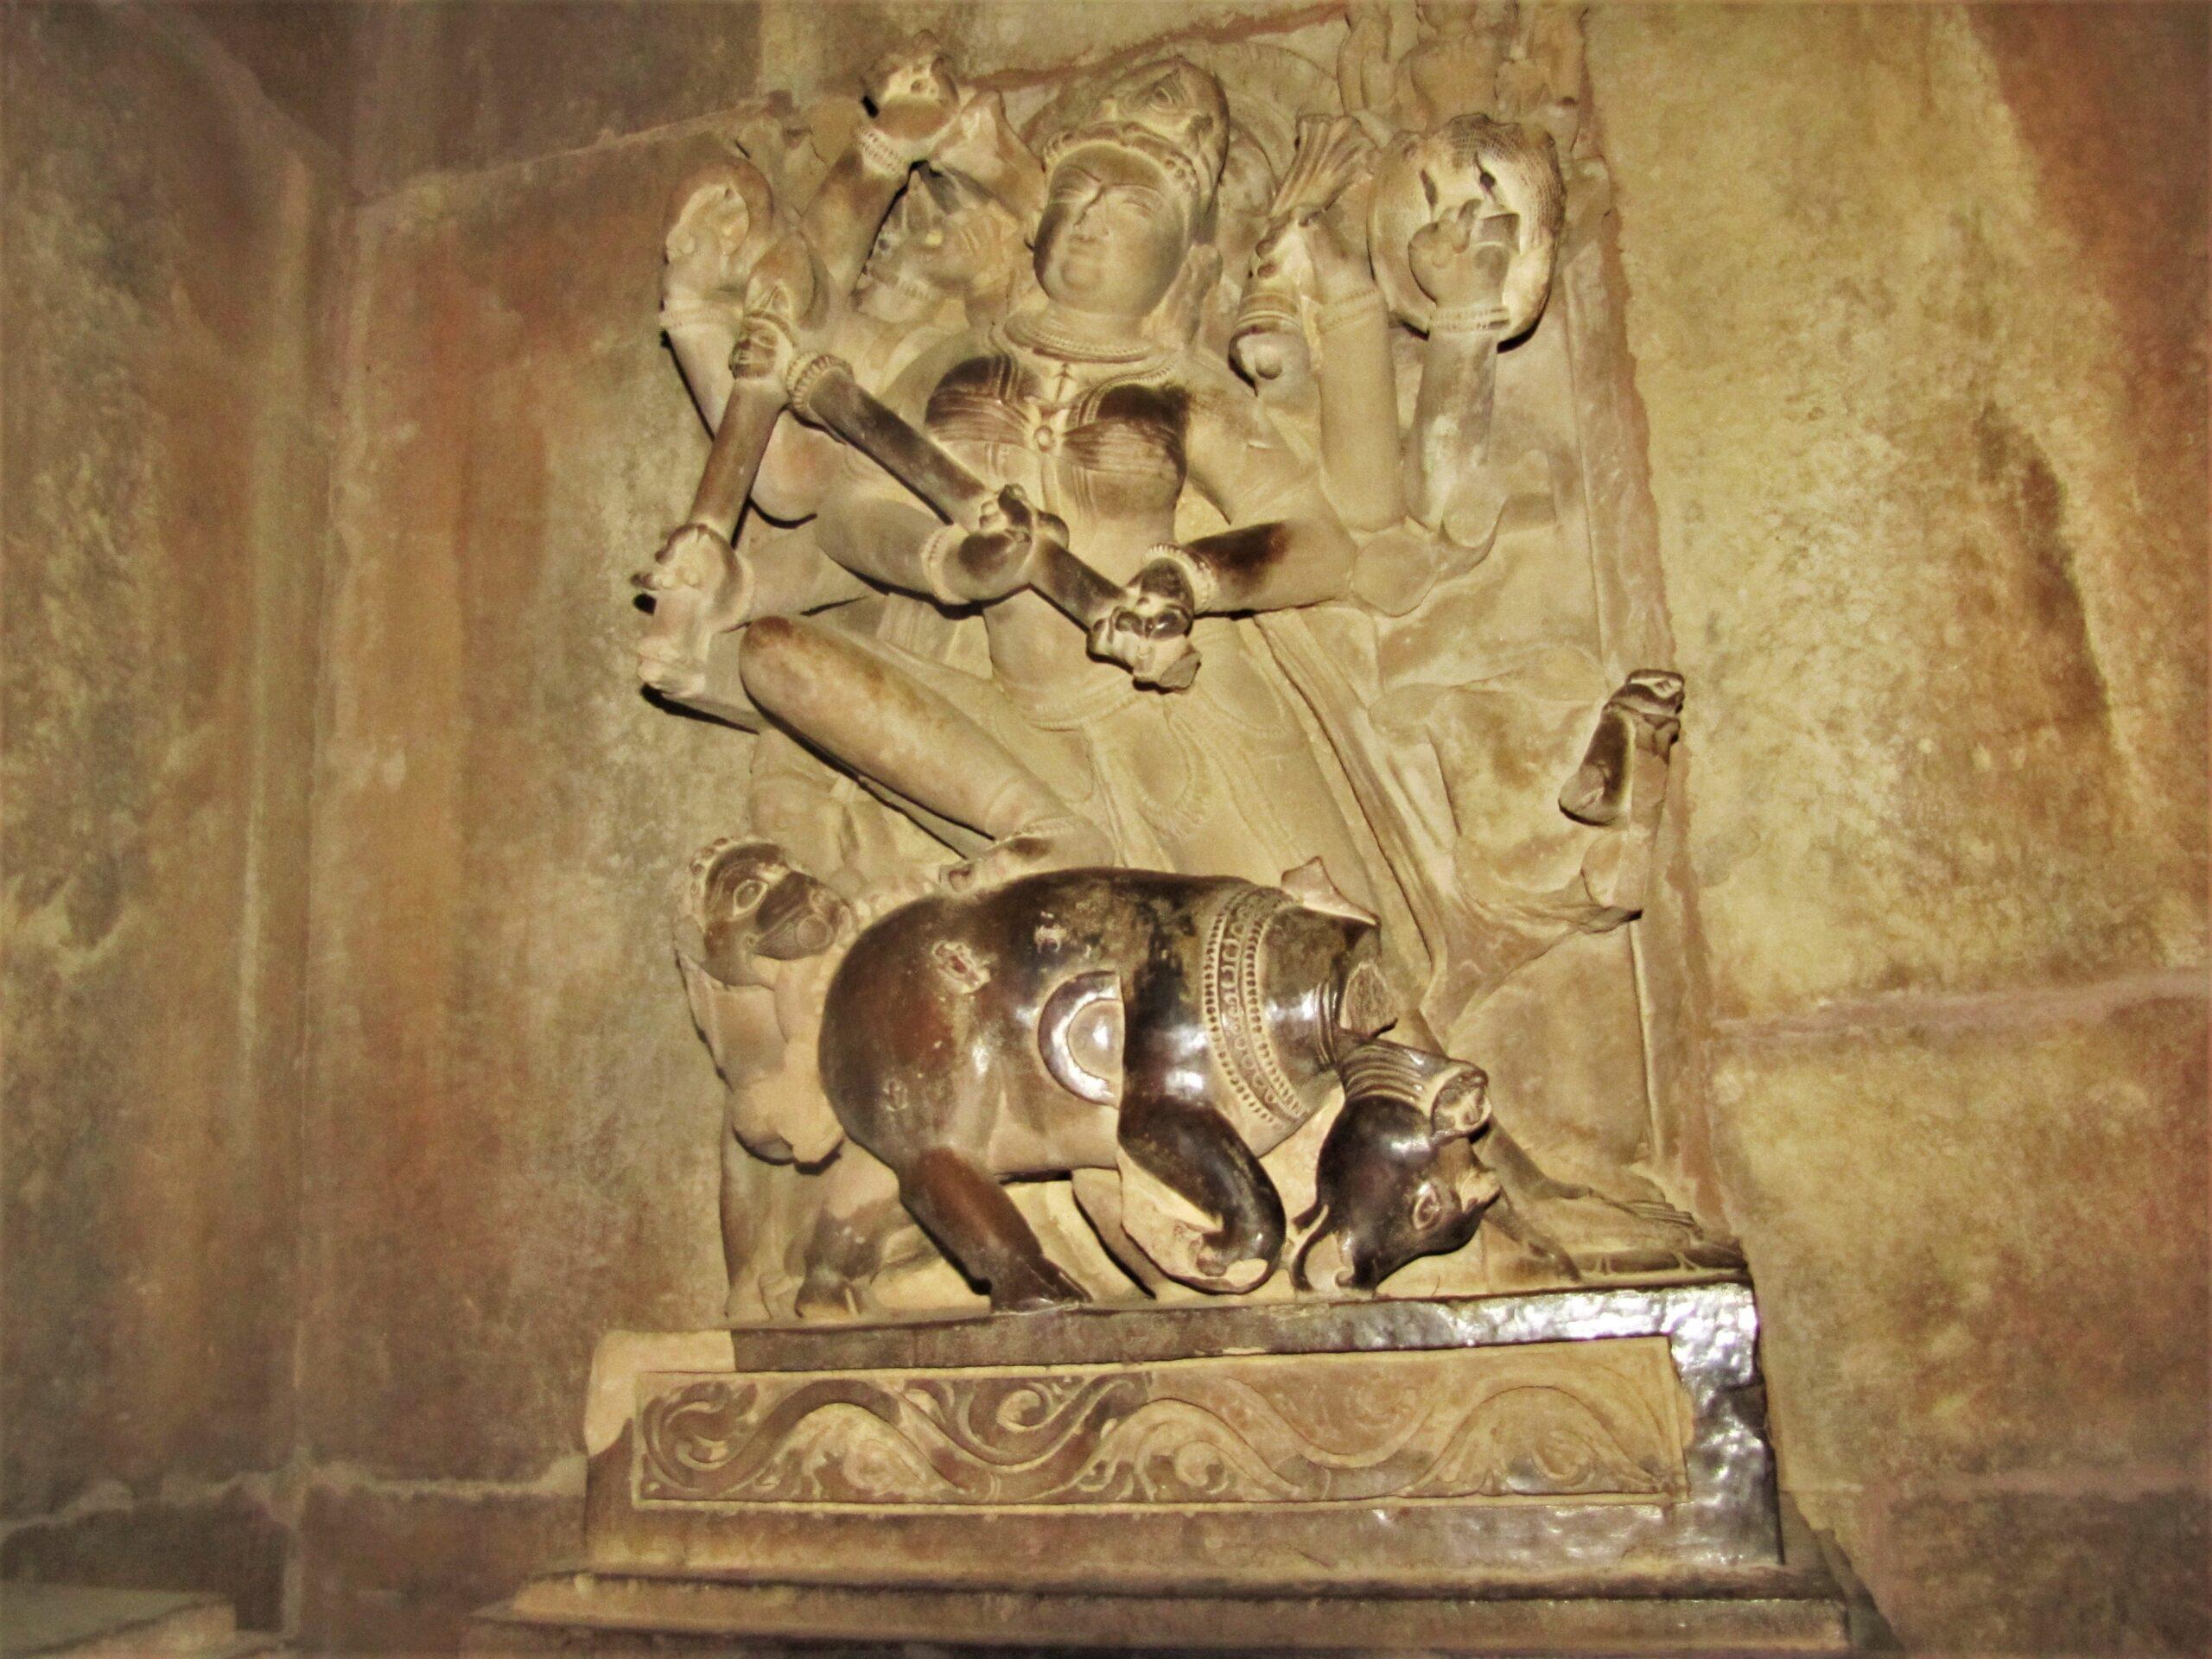 Mahishasuramardini sculpture at Lakshman Temple, Khajuraho